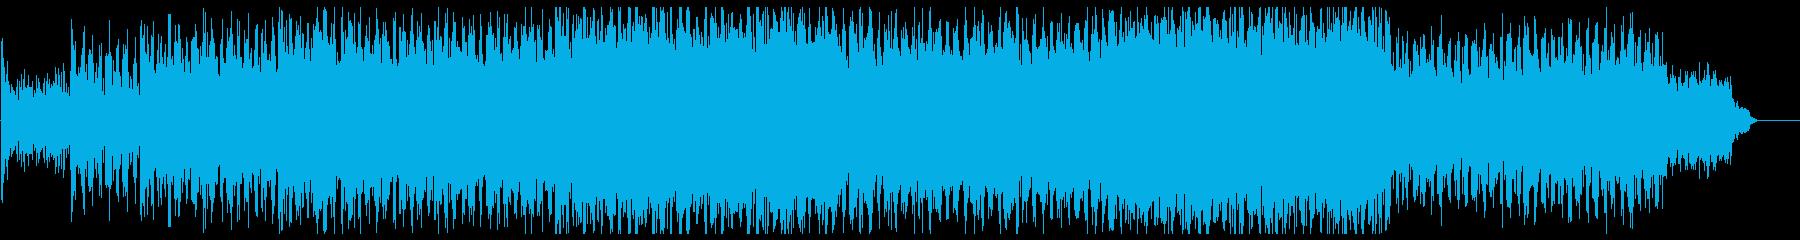 明るく朗らかなテクノビートポップサウンドの再生済みの波形